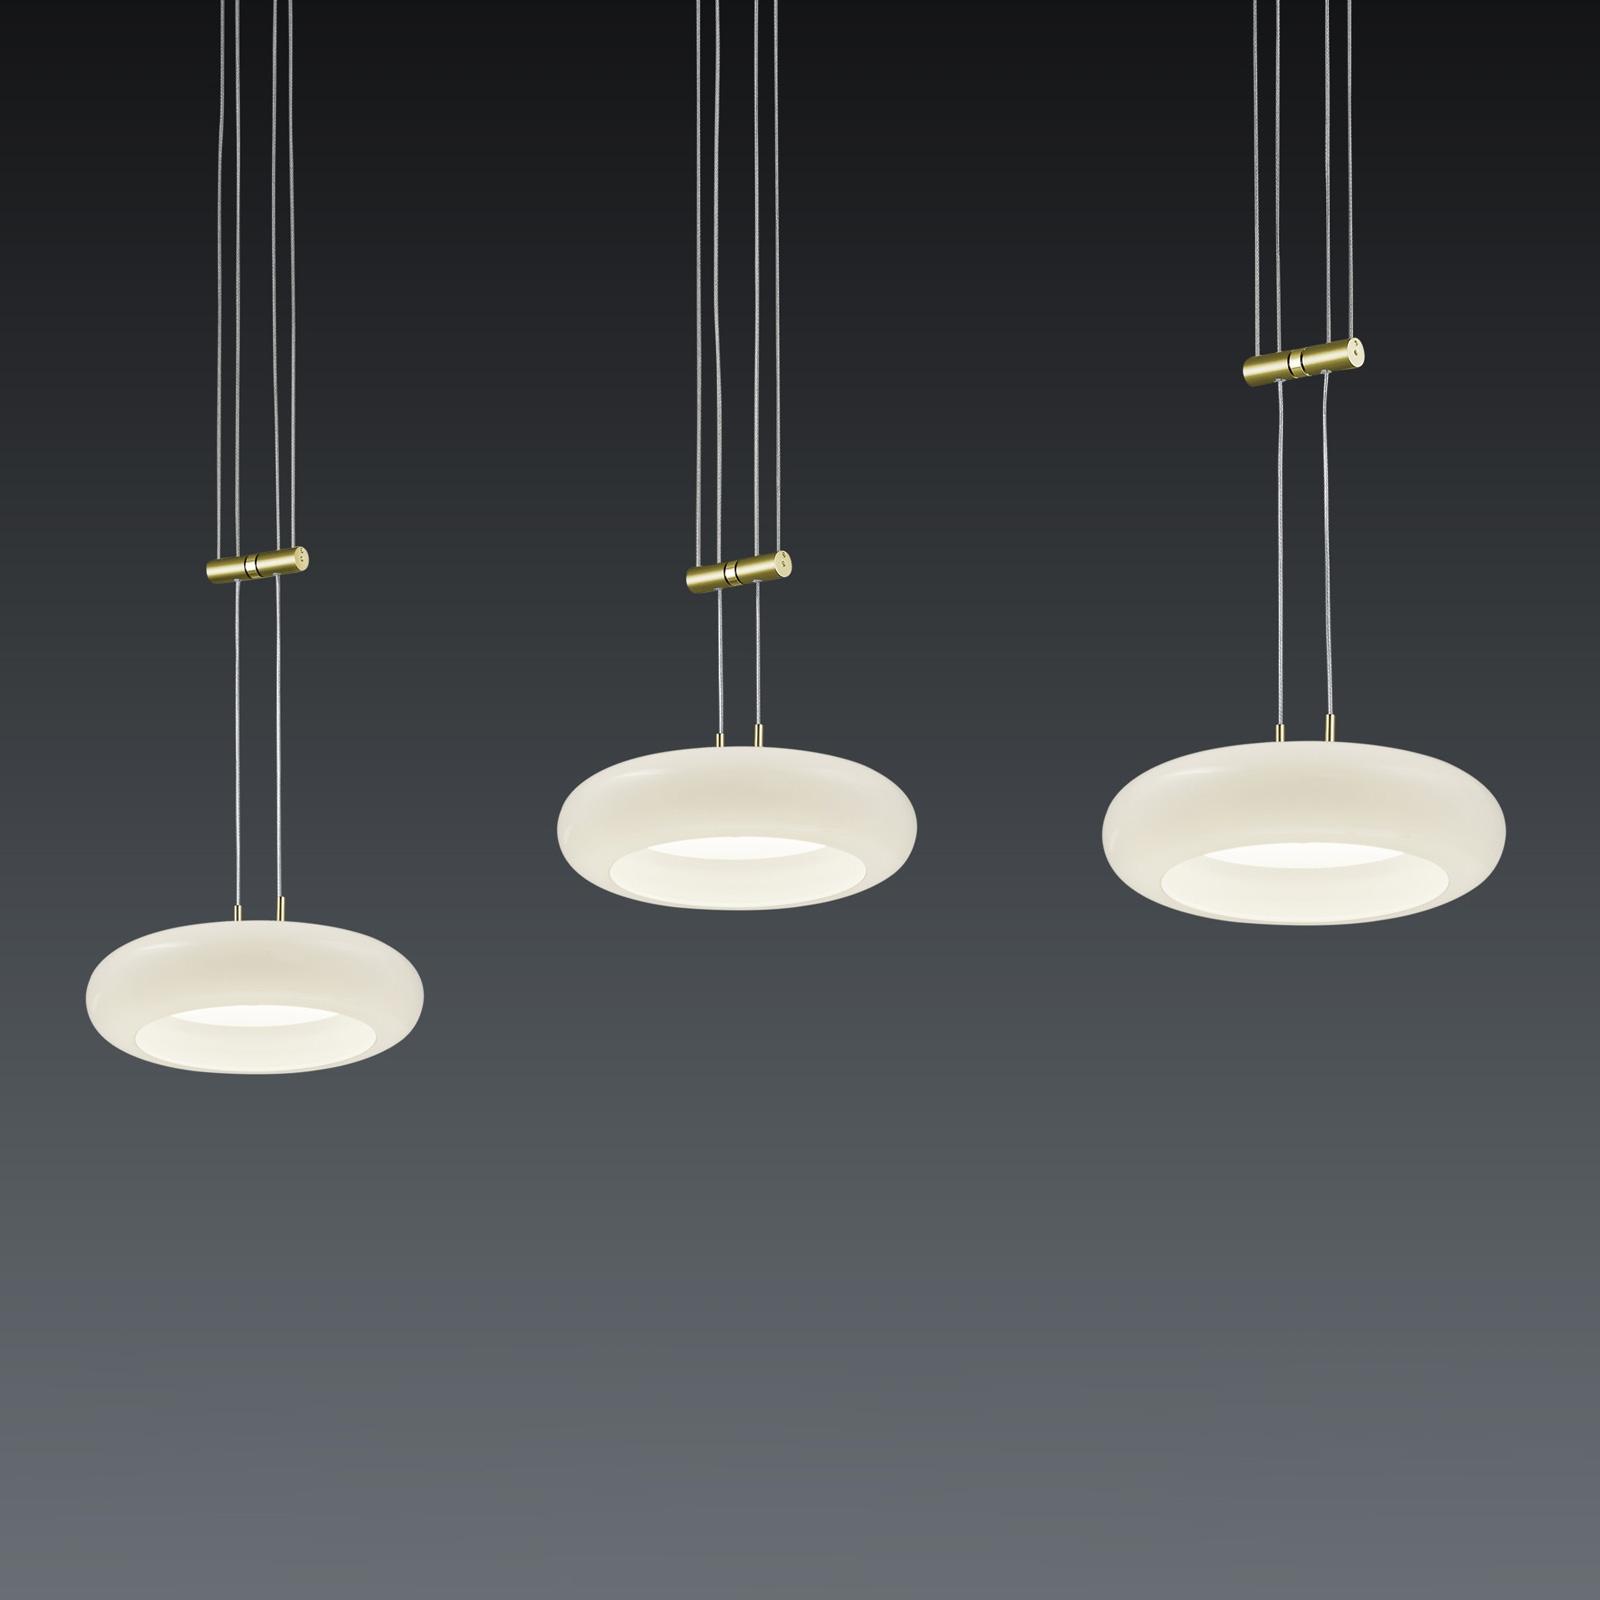 BANKAMP Centa lampa wisząca 3-punktowa mosiądz